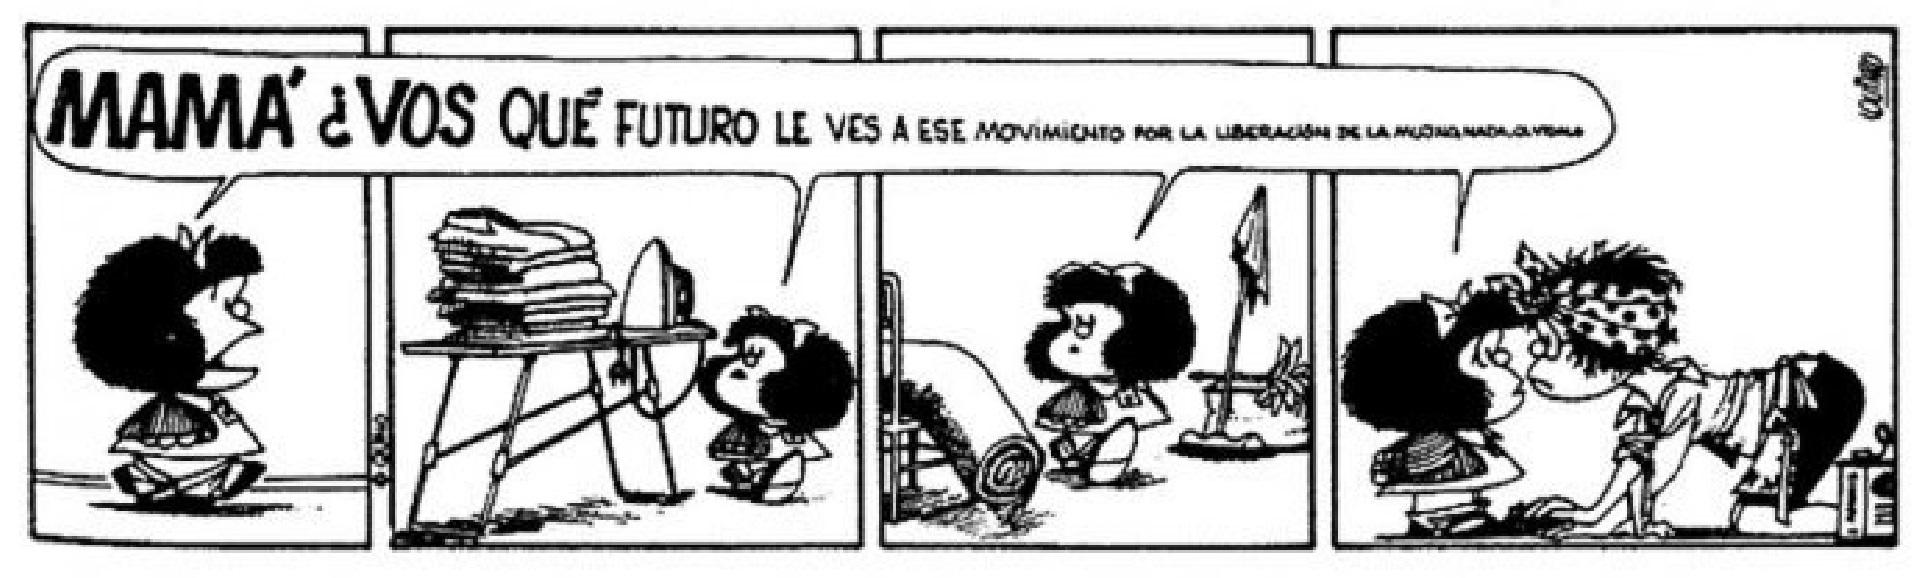 Mafalda, su principal obra. A través del humor fue un pionero en incluir temas como la desigualdad de género y el lugar de la mujer en sociedades patriarcales.